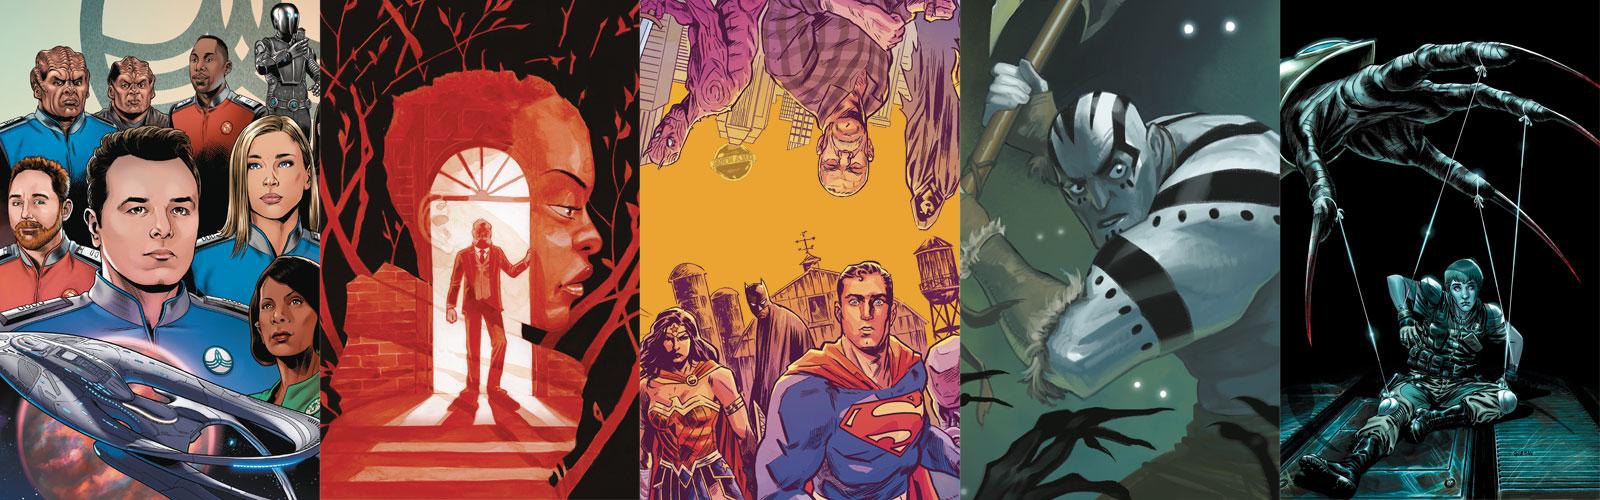 Solicitations: July 2019 – Dark Horse Comics